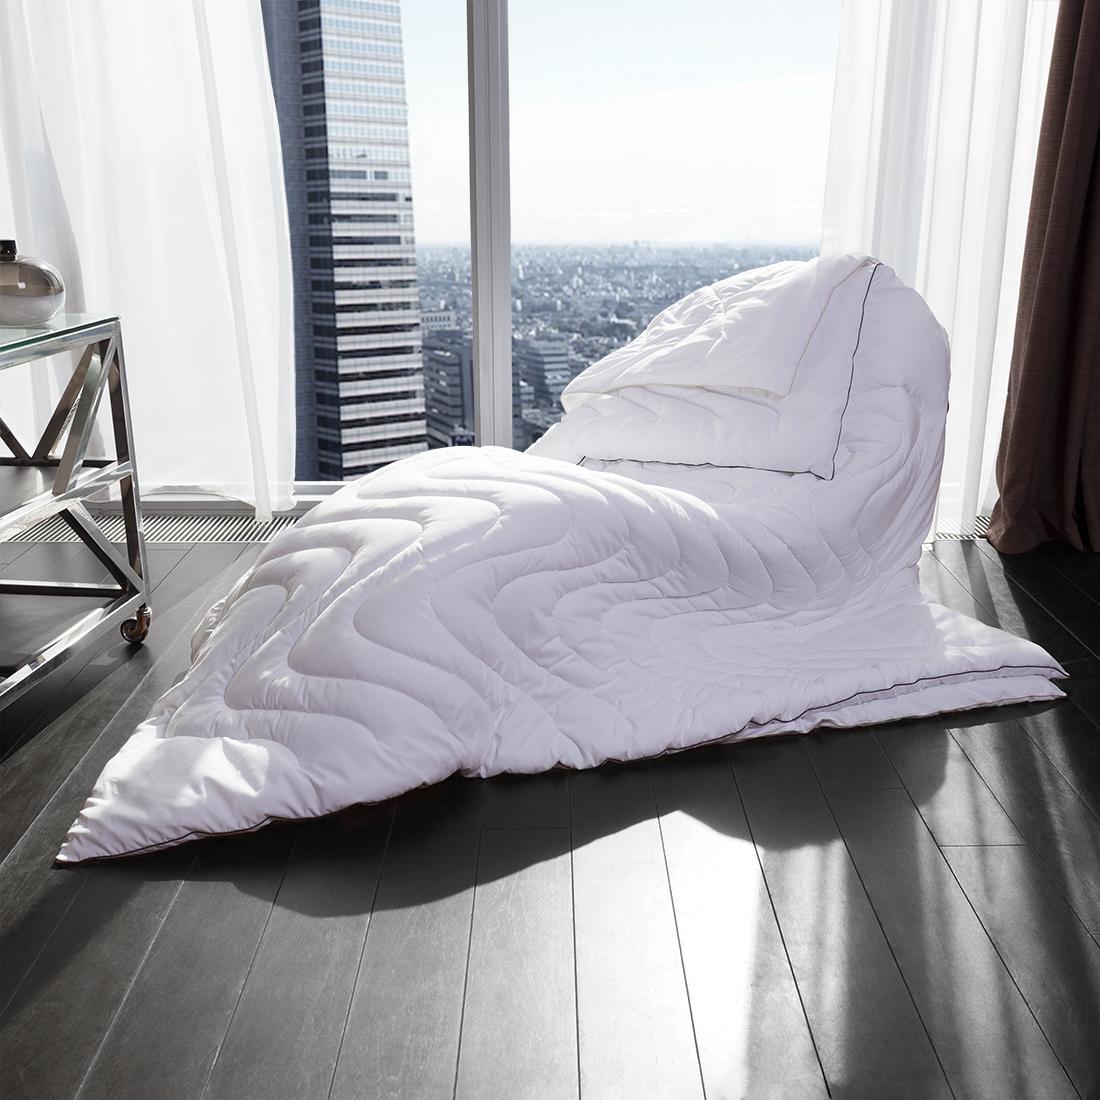 Комплект одеял Sleep iX